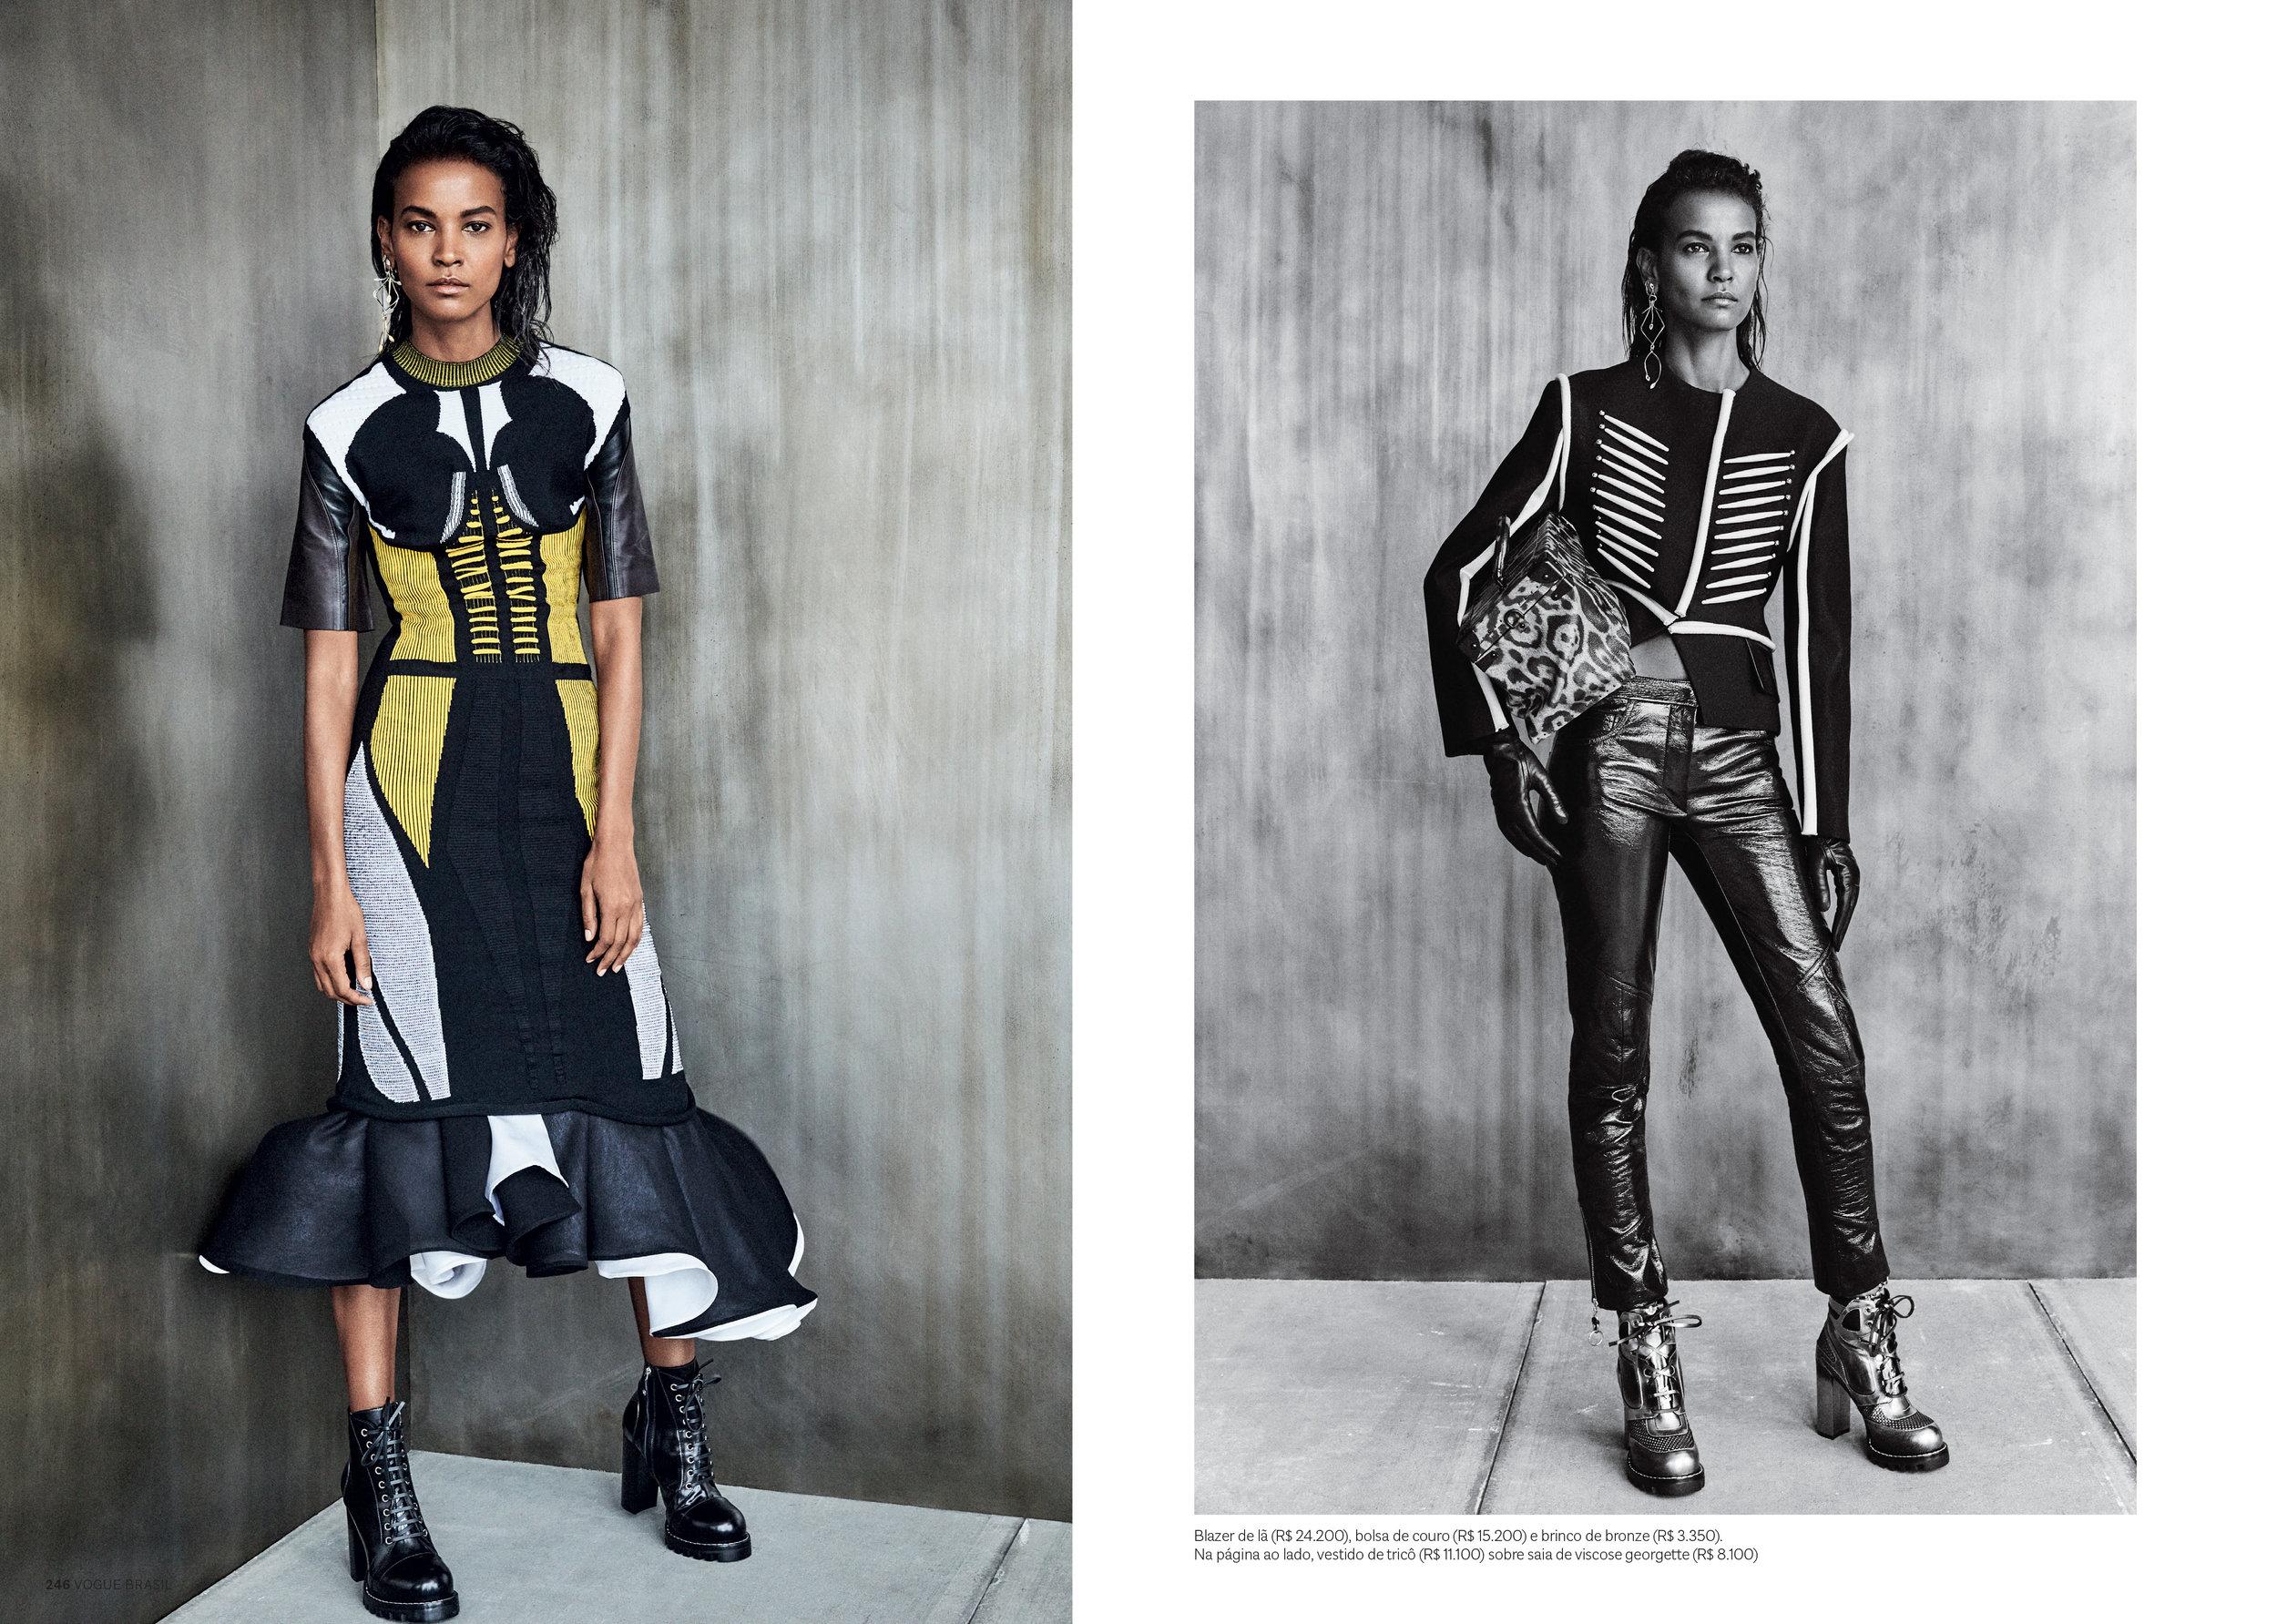 Vogue Brazil  Ph. Patrick Demarchelier